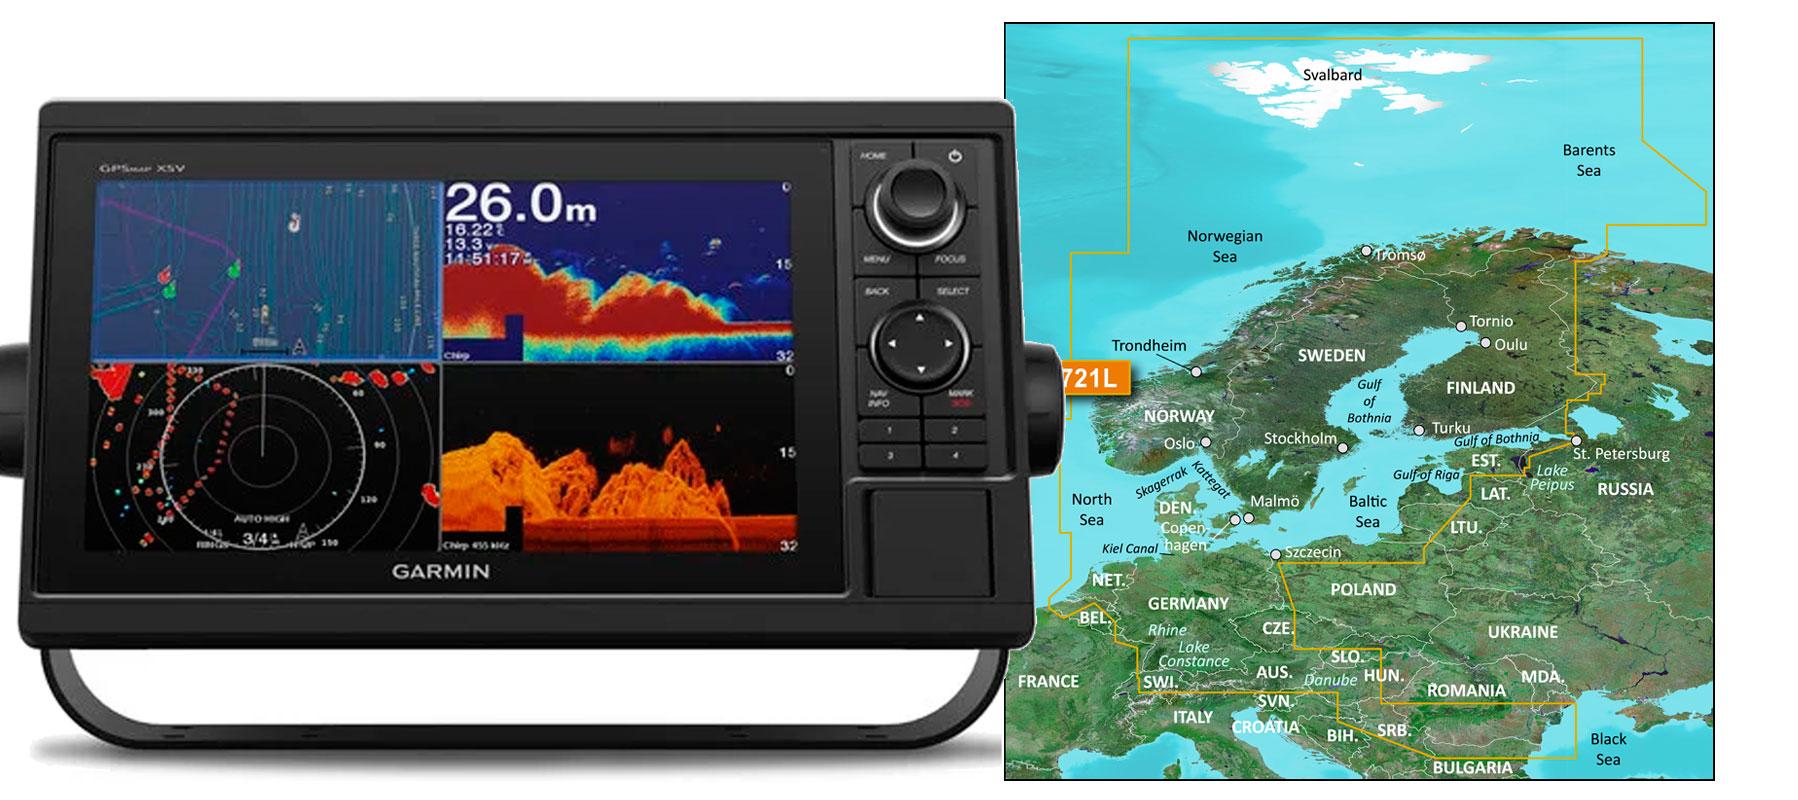 Garmin GPSmap 1022xsv med VEU721L søkort